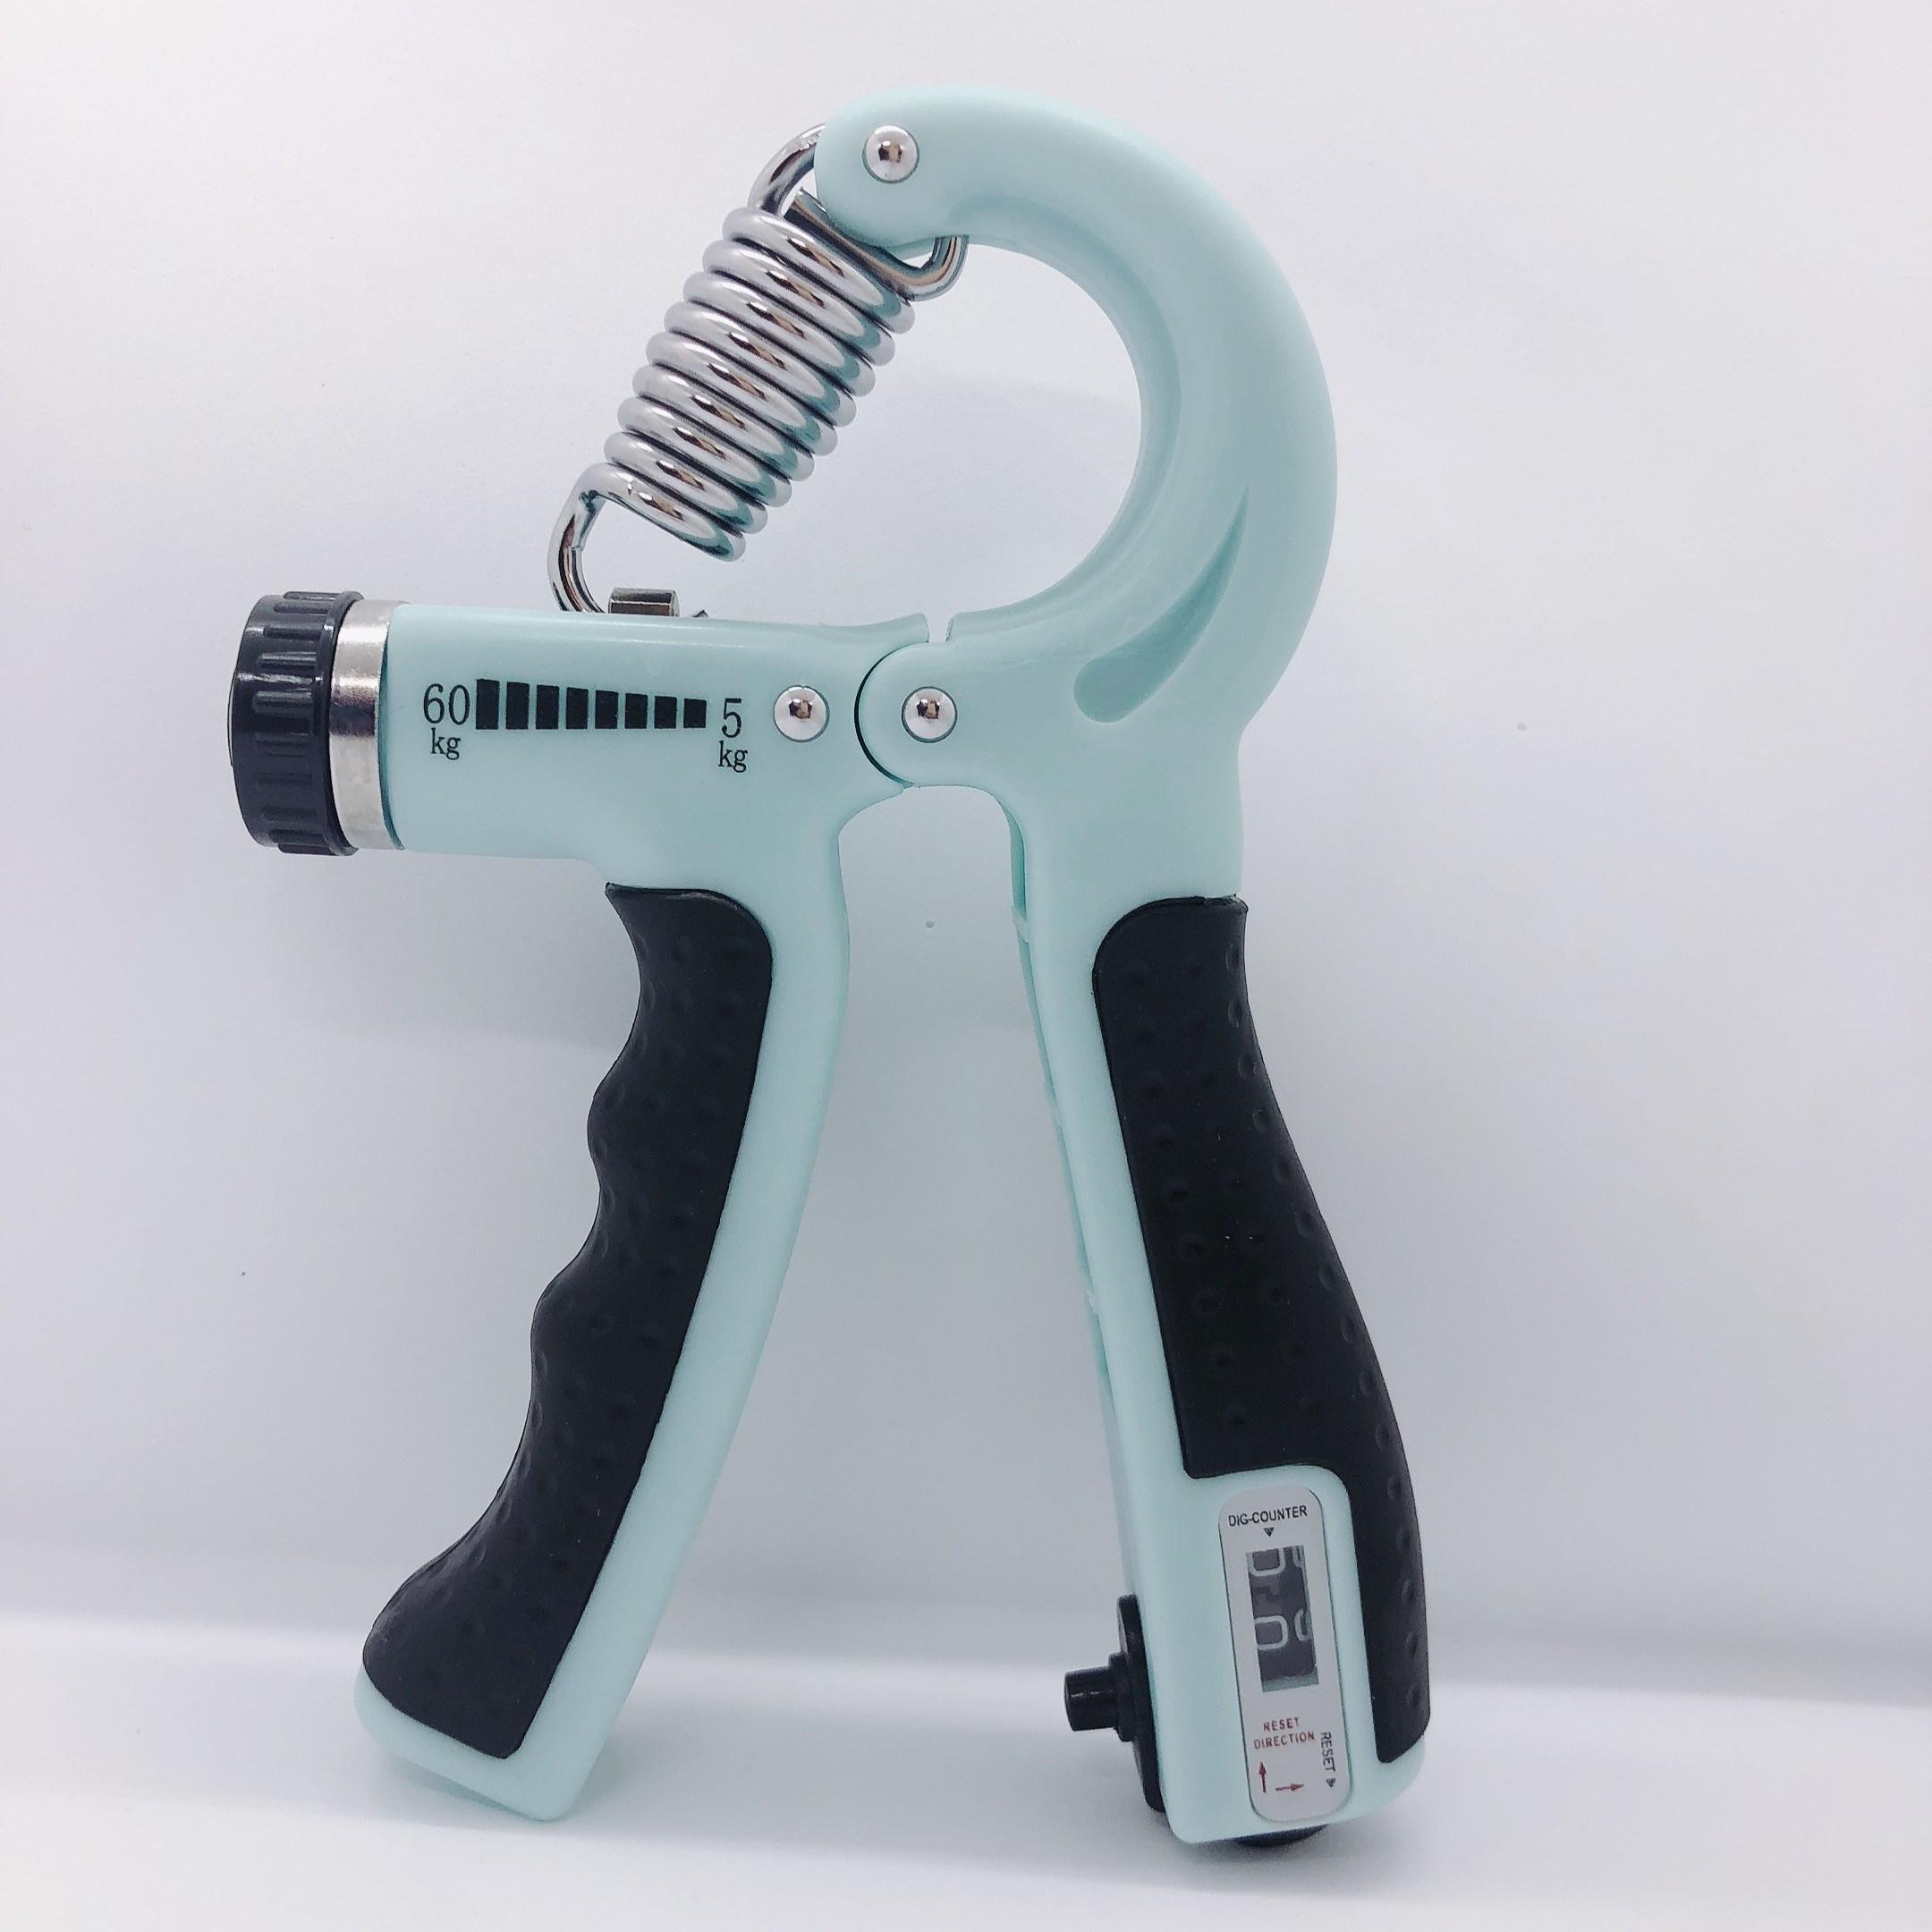 루이한 무소음 악력기 카운트 무게조절 5KG-60KG, 민트